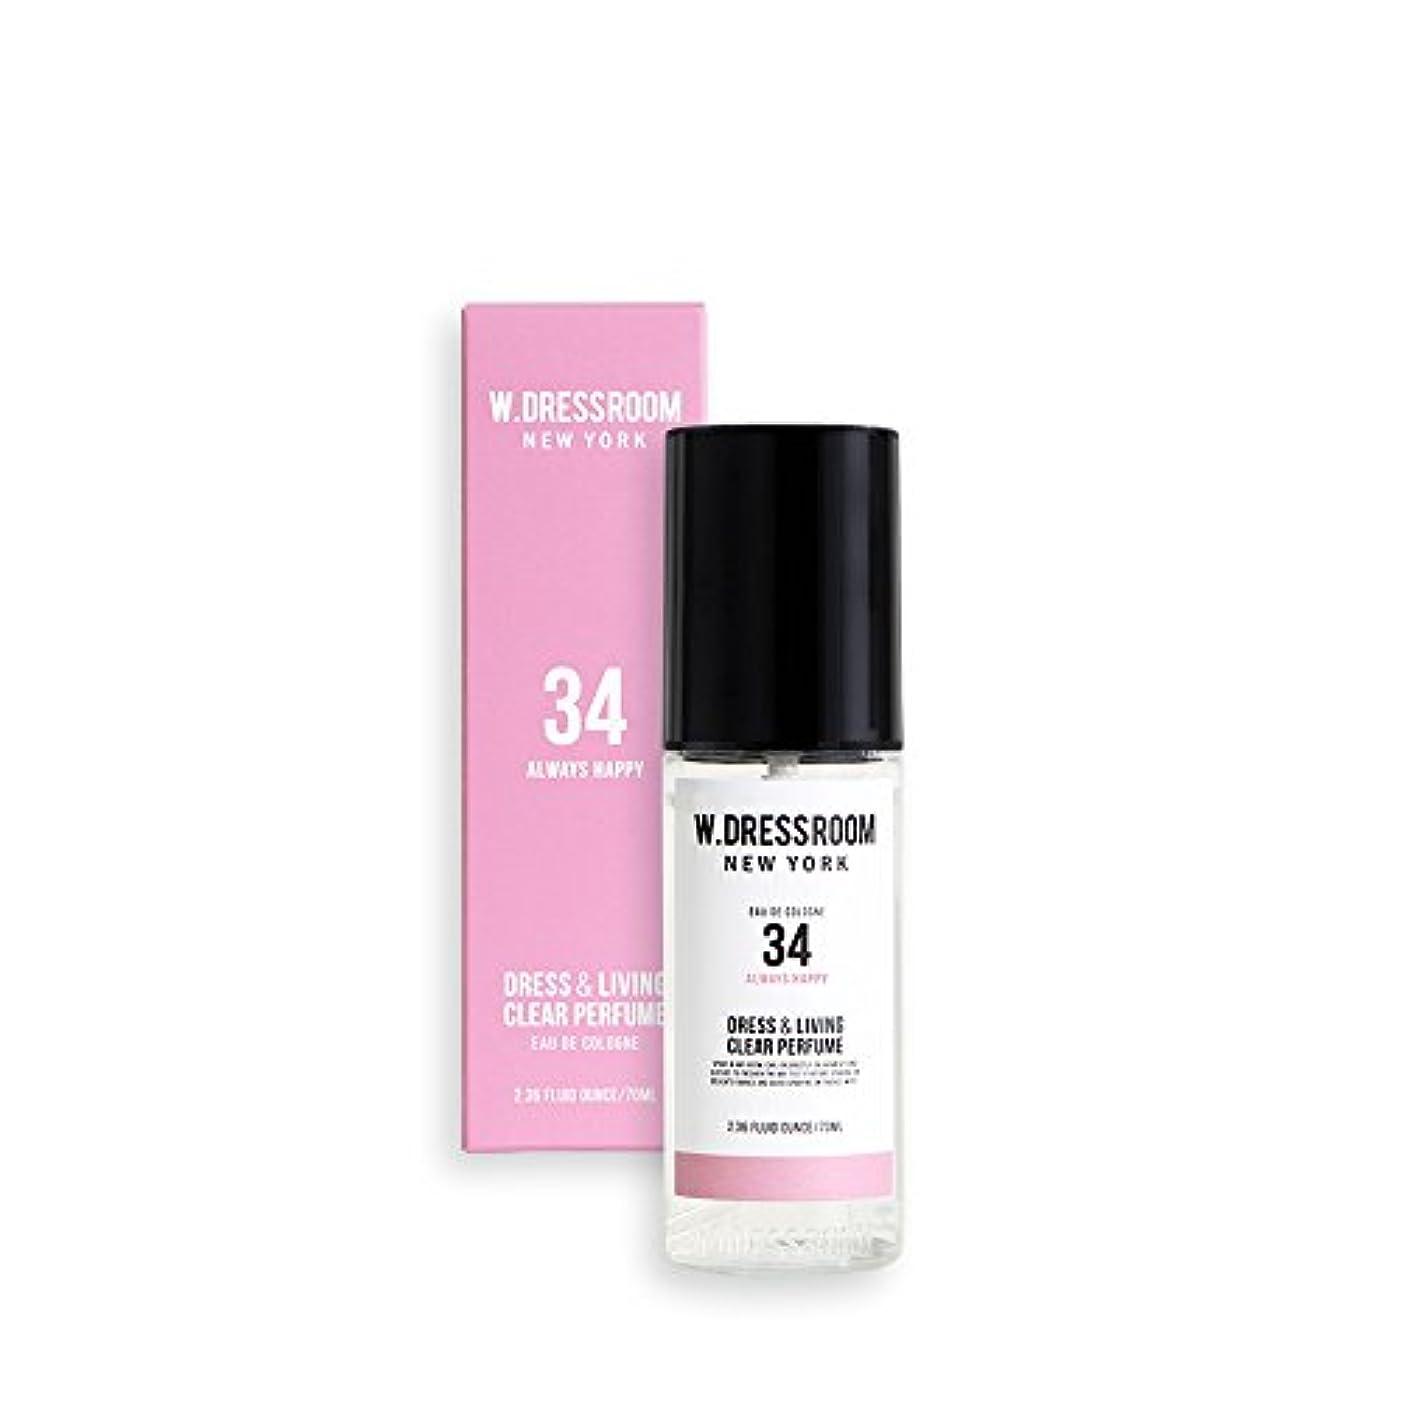 印象的見えない物質W.DRESSROOM Dress & Living Clear Perfume 70ml/ダブルドレスルーム ドレス&リビング クリア パフューム 70ml (#No.34 Always Happy) [並行輸入品]